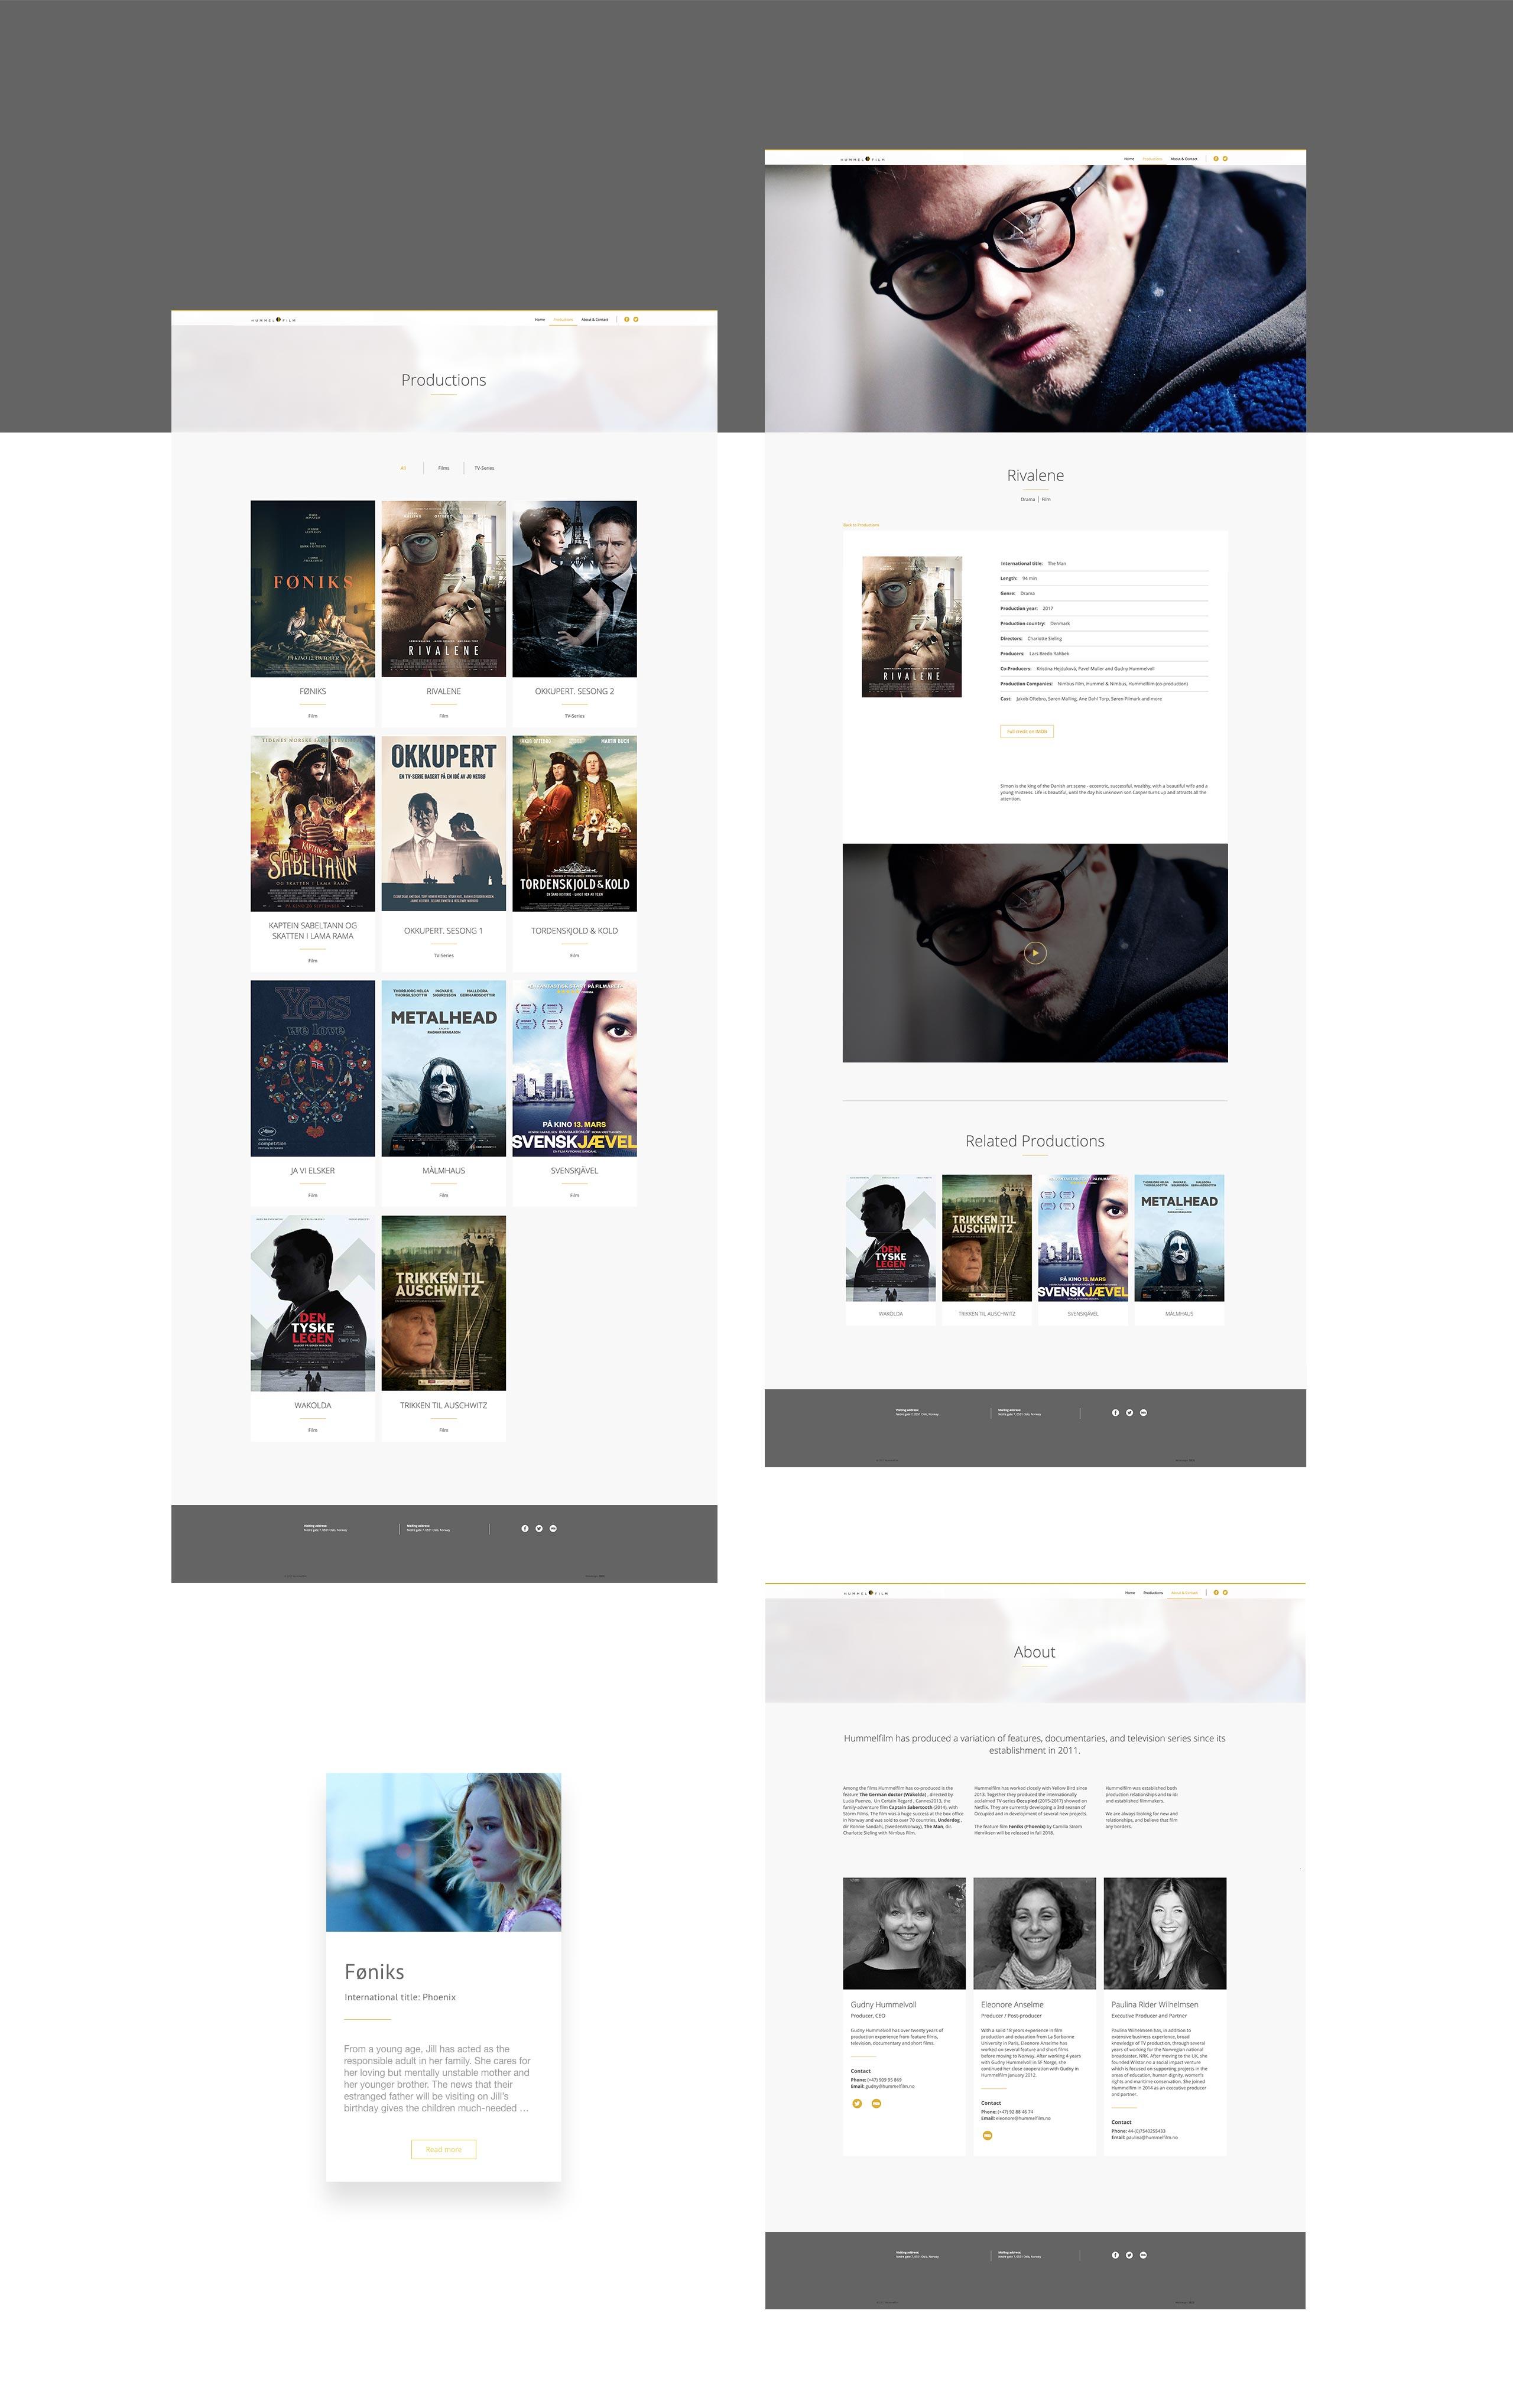 hummelfilm website, designed by SBDS